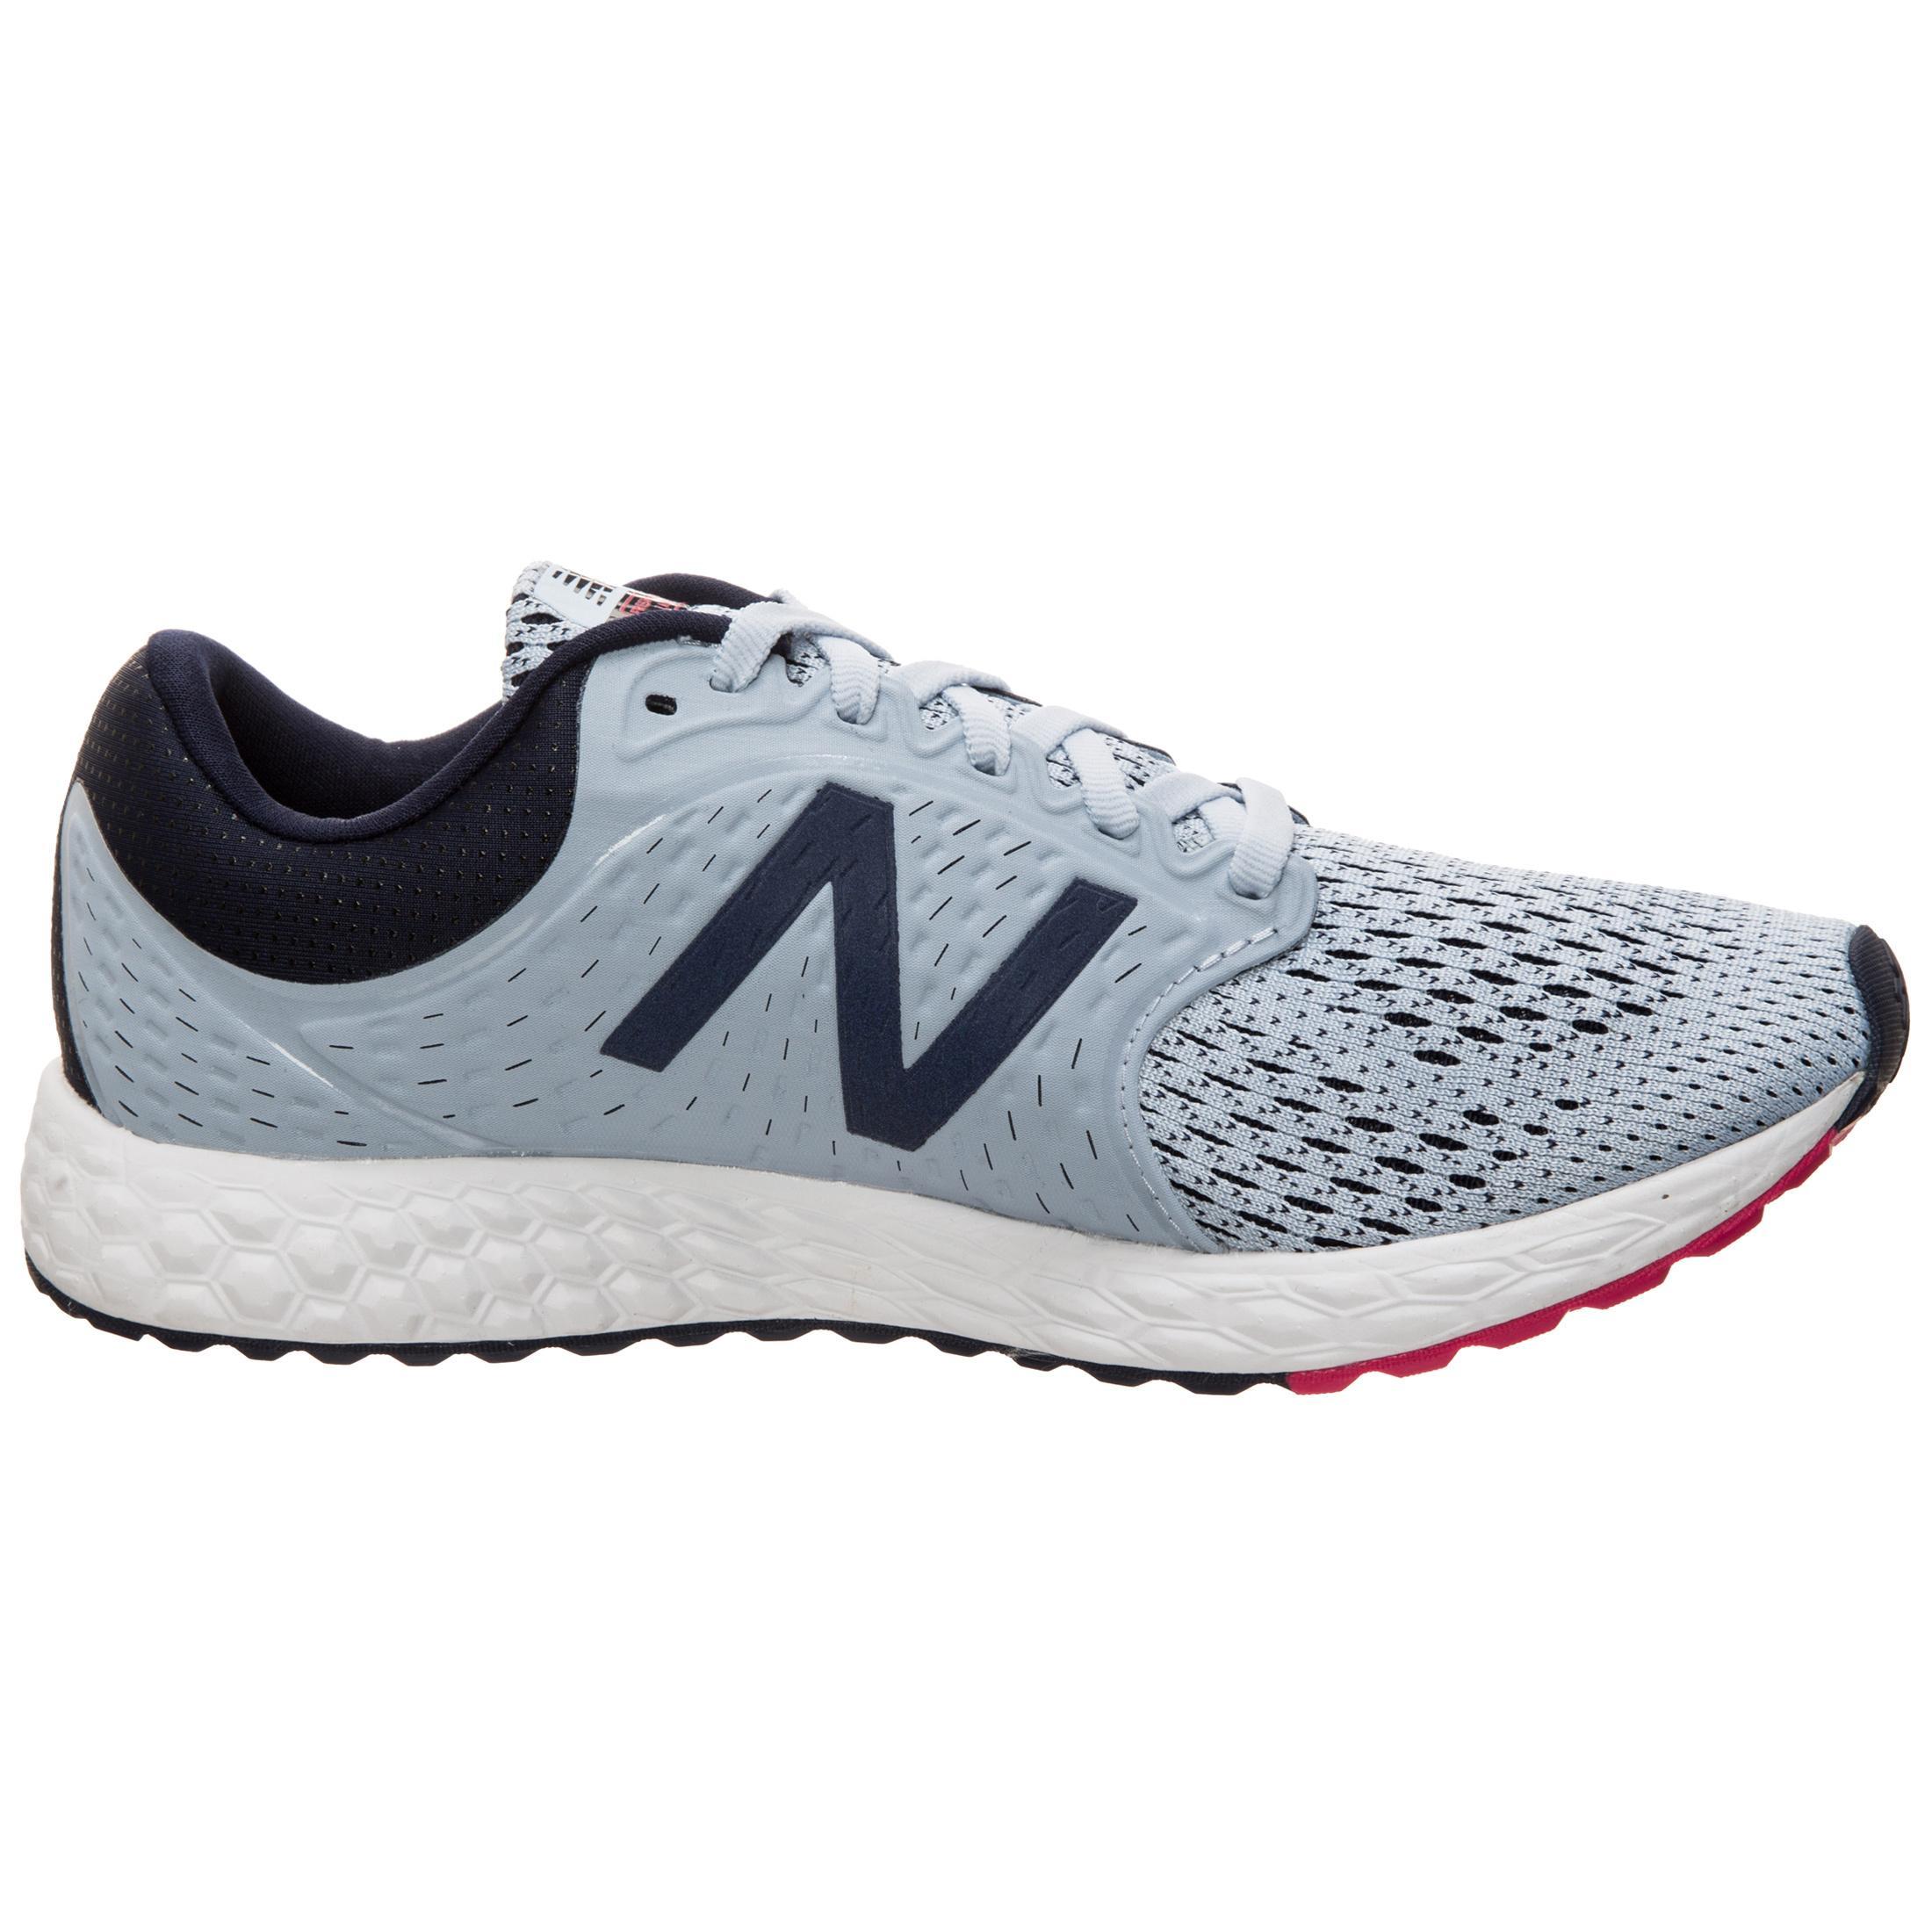 NEW BALANCE Fresh Foam Zante v4 Laufschuhe Damen blau weiß   weiß blau im Online Shop von SportScheck kaufen Gute Qualität beliebte Schuhe b9e0b0